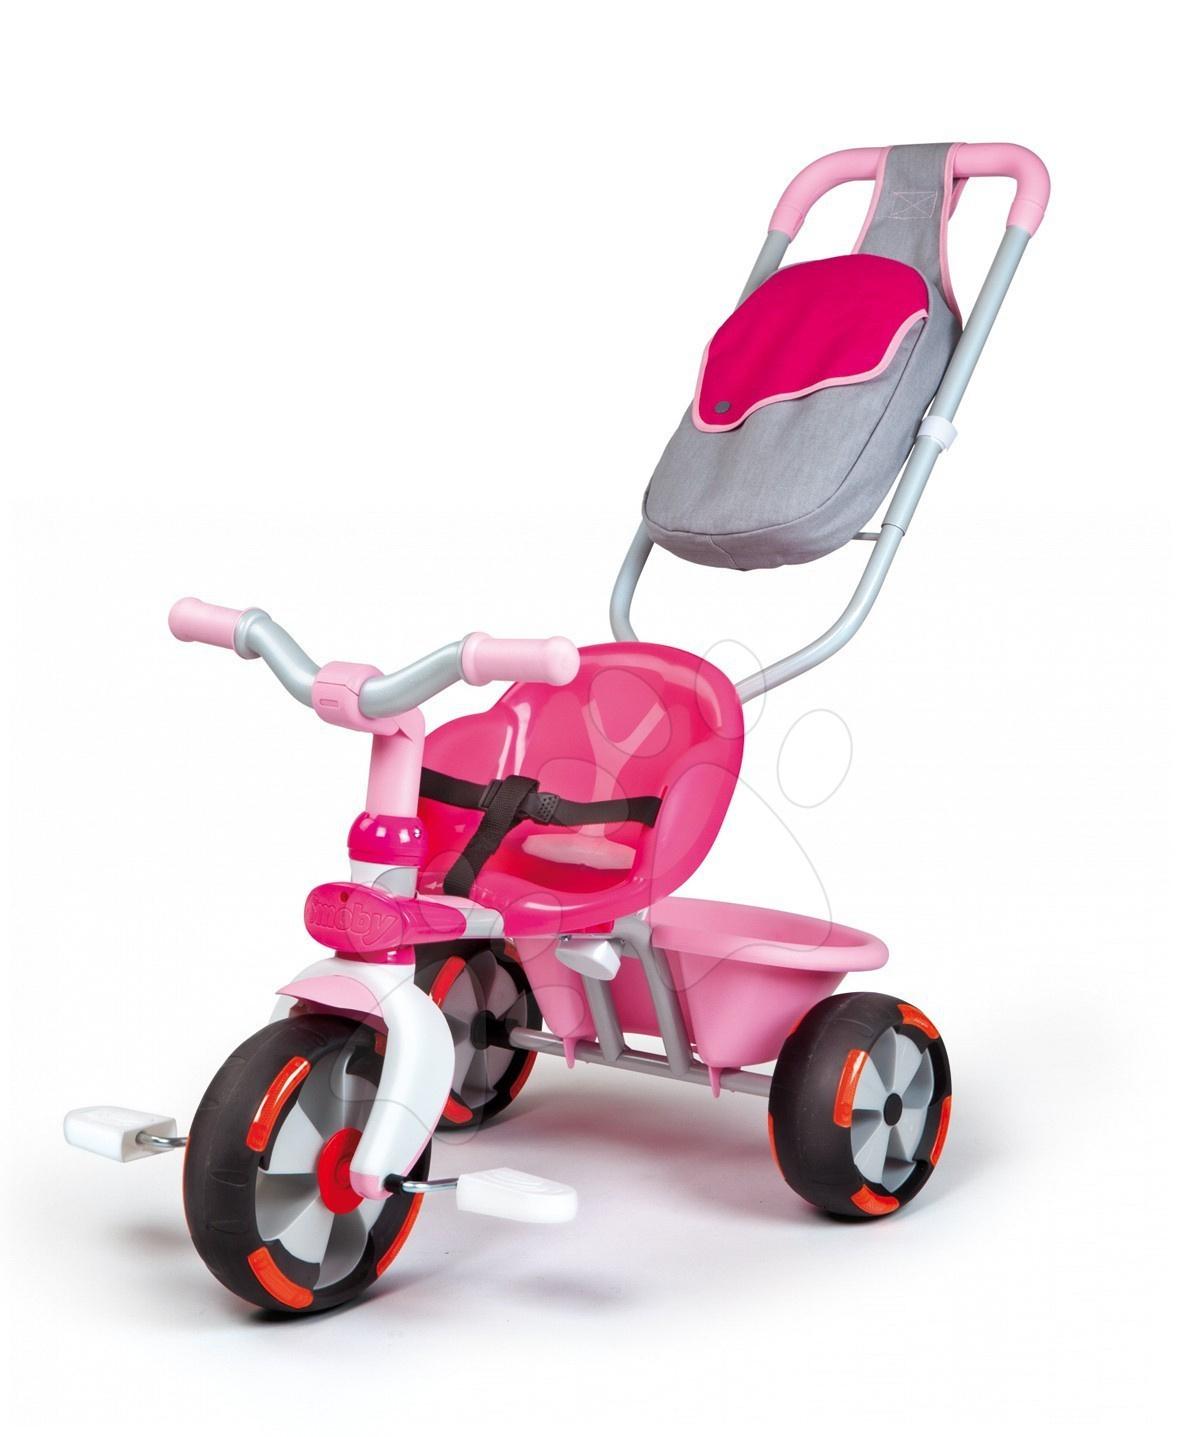 Produse vechi - Tricicletă roz Baby Driver Rose Smoby roz de la 12 luni